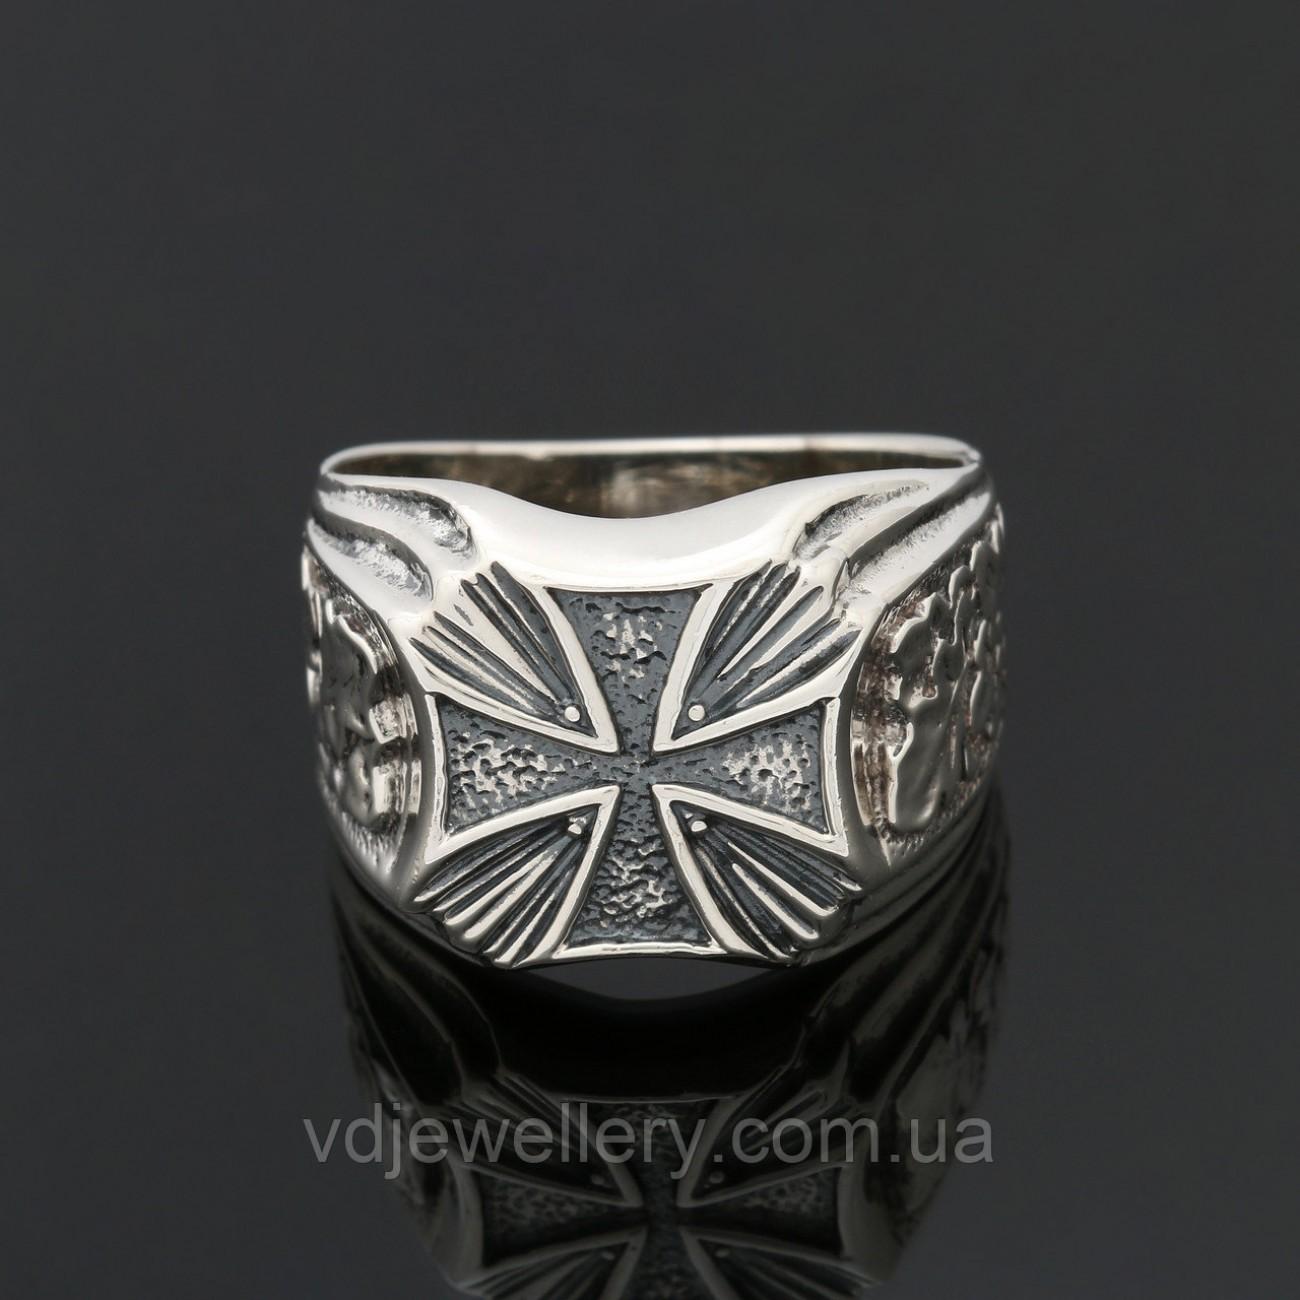 Мужское серебряное кольцо 2100010